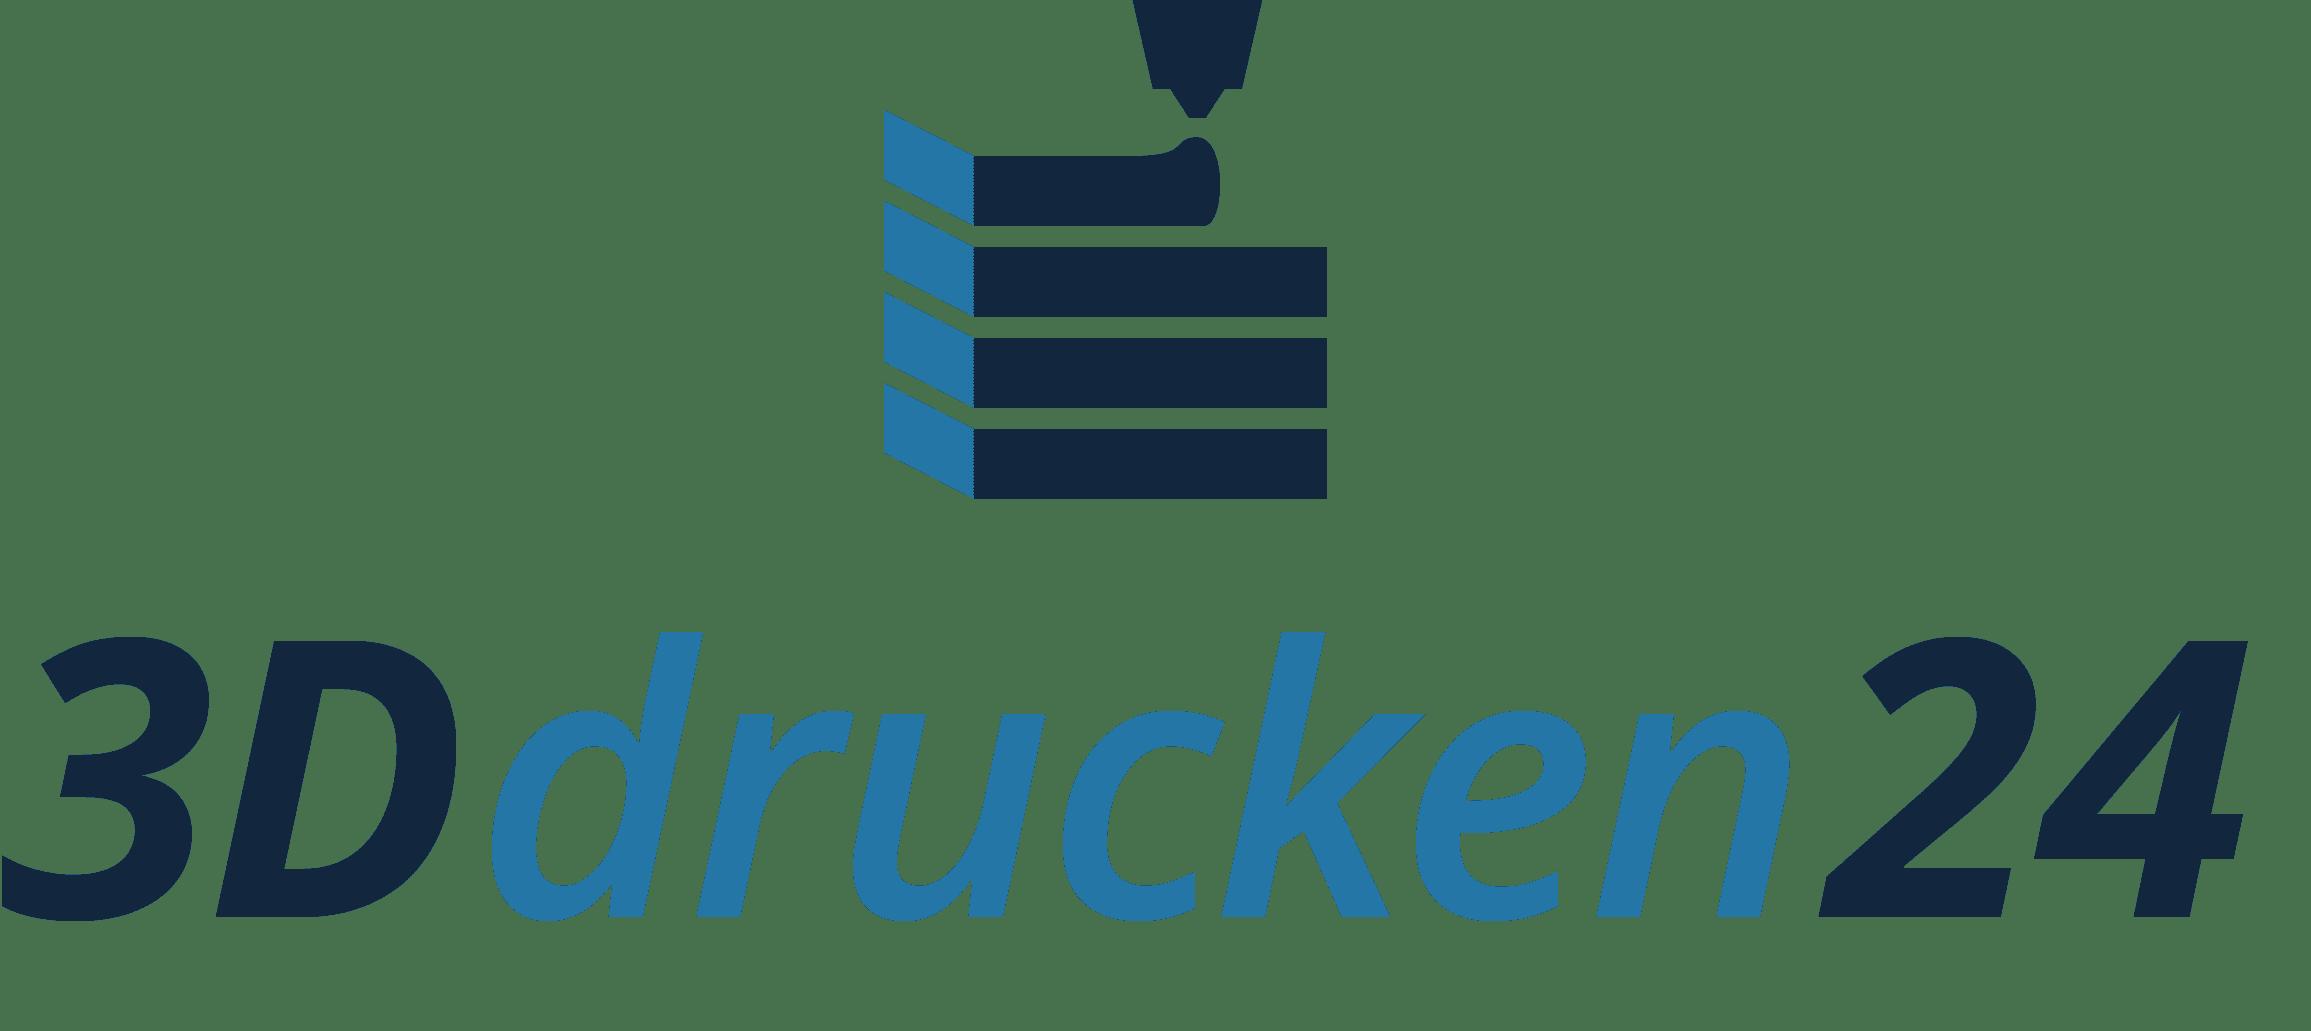 3D-Drucken24 Logo